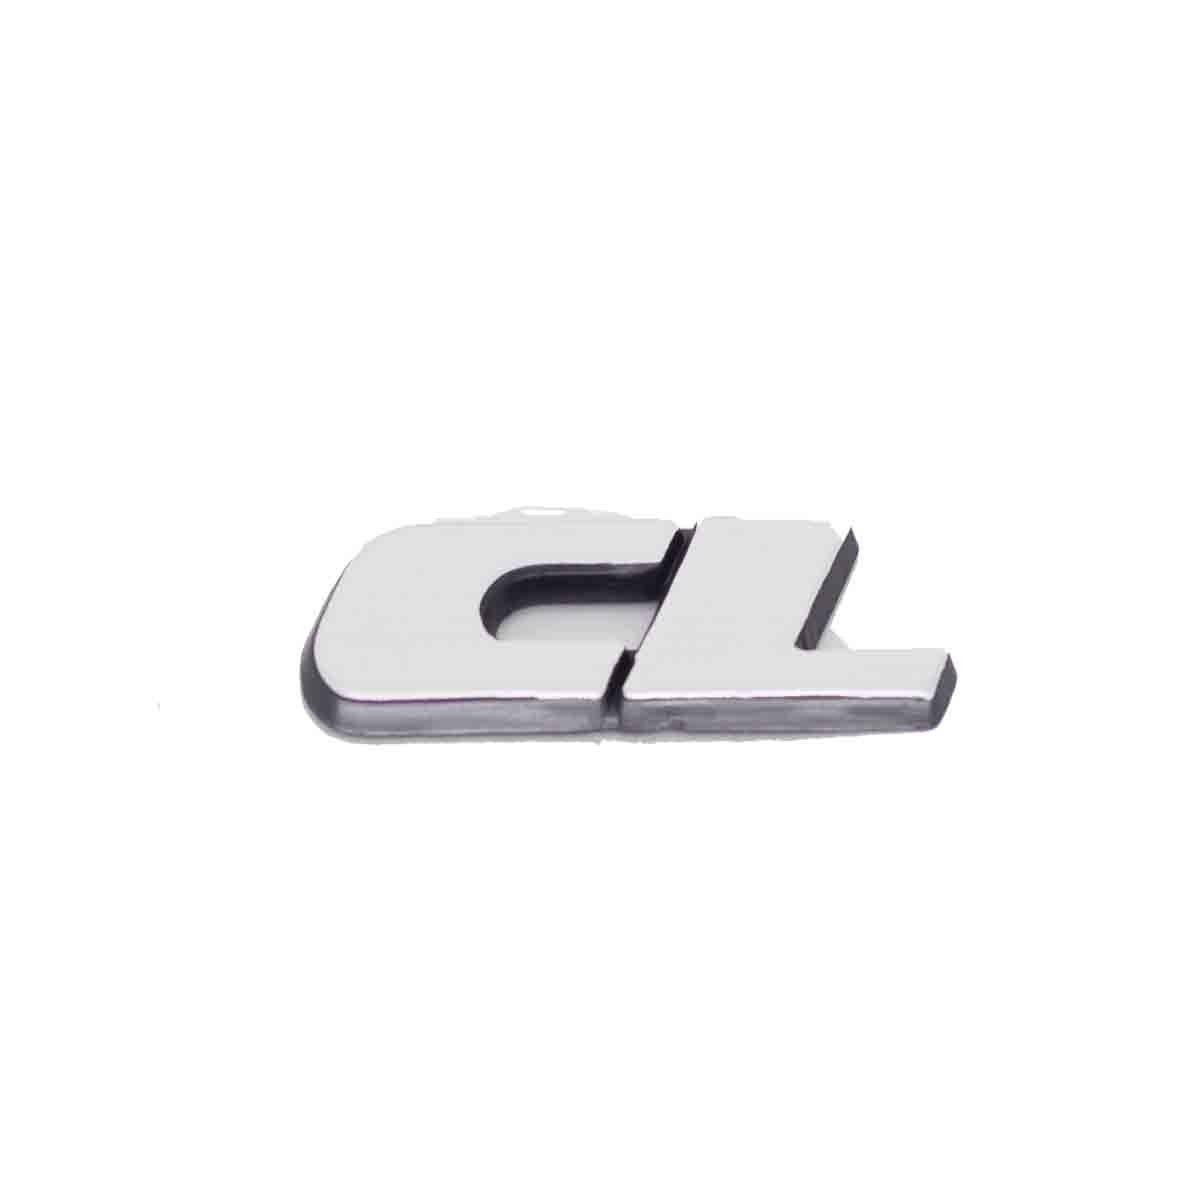 Emblema CL (Gol / Voyage / Parati / Saveiro / Todos 97/99) Escovado